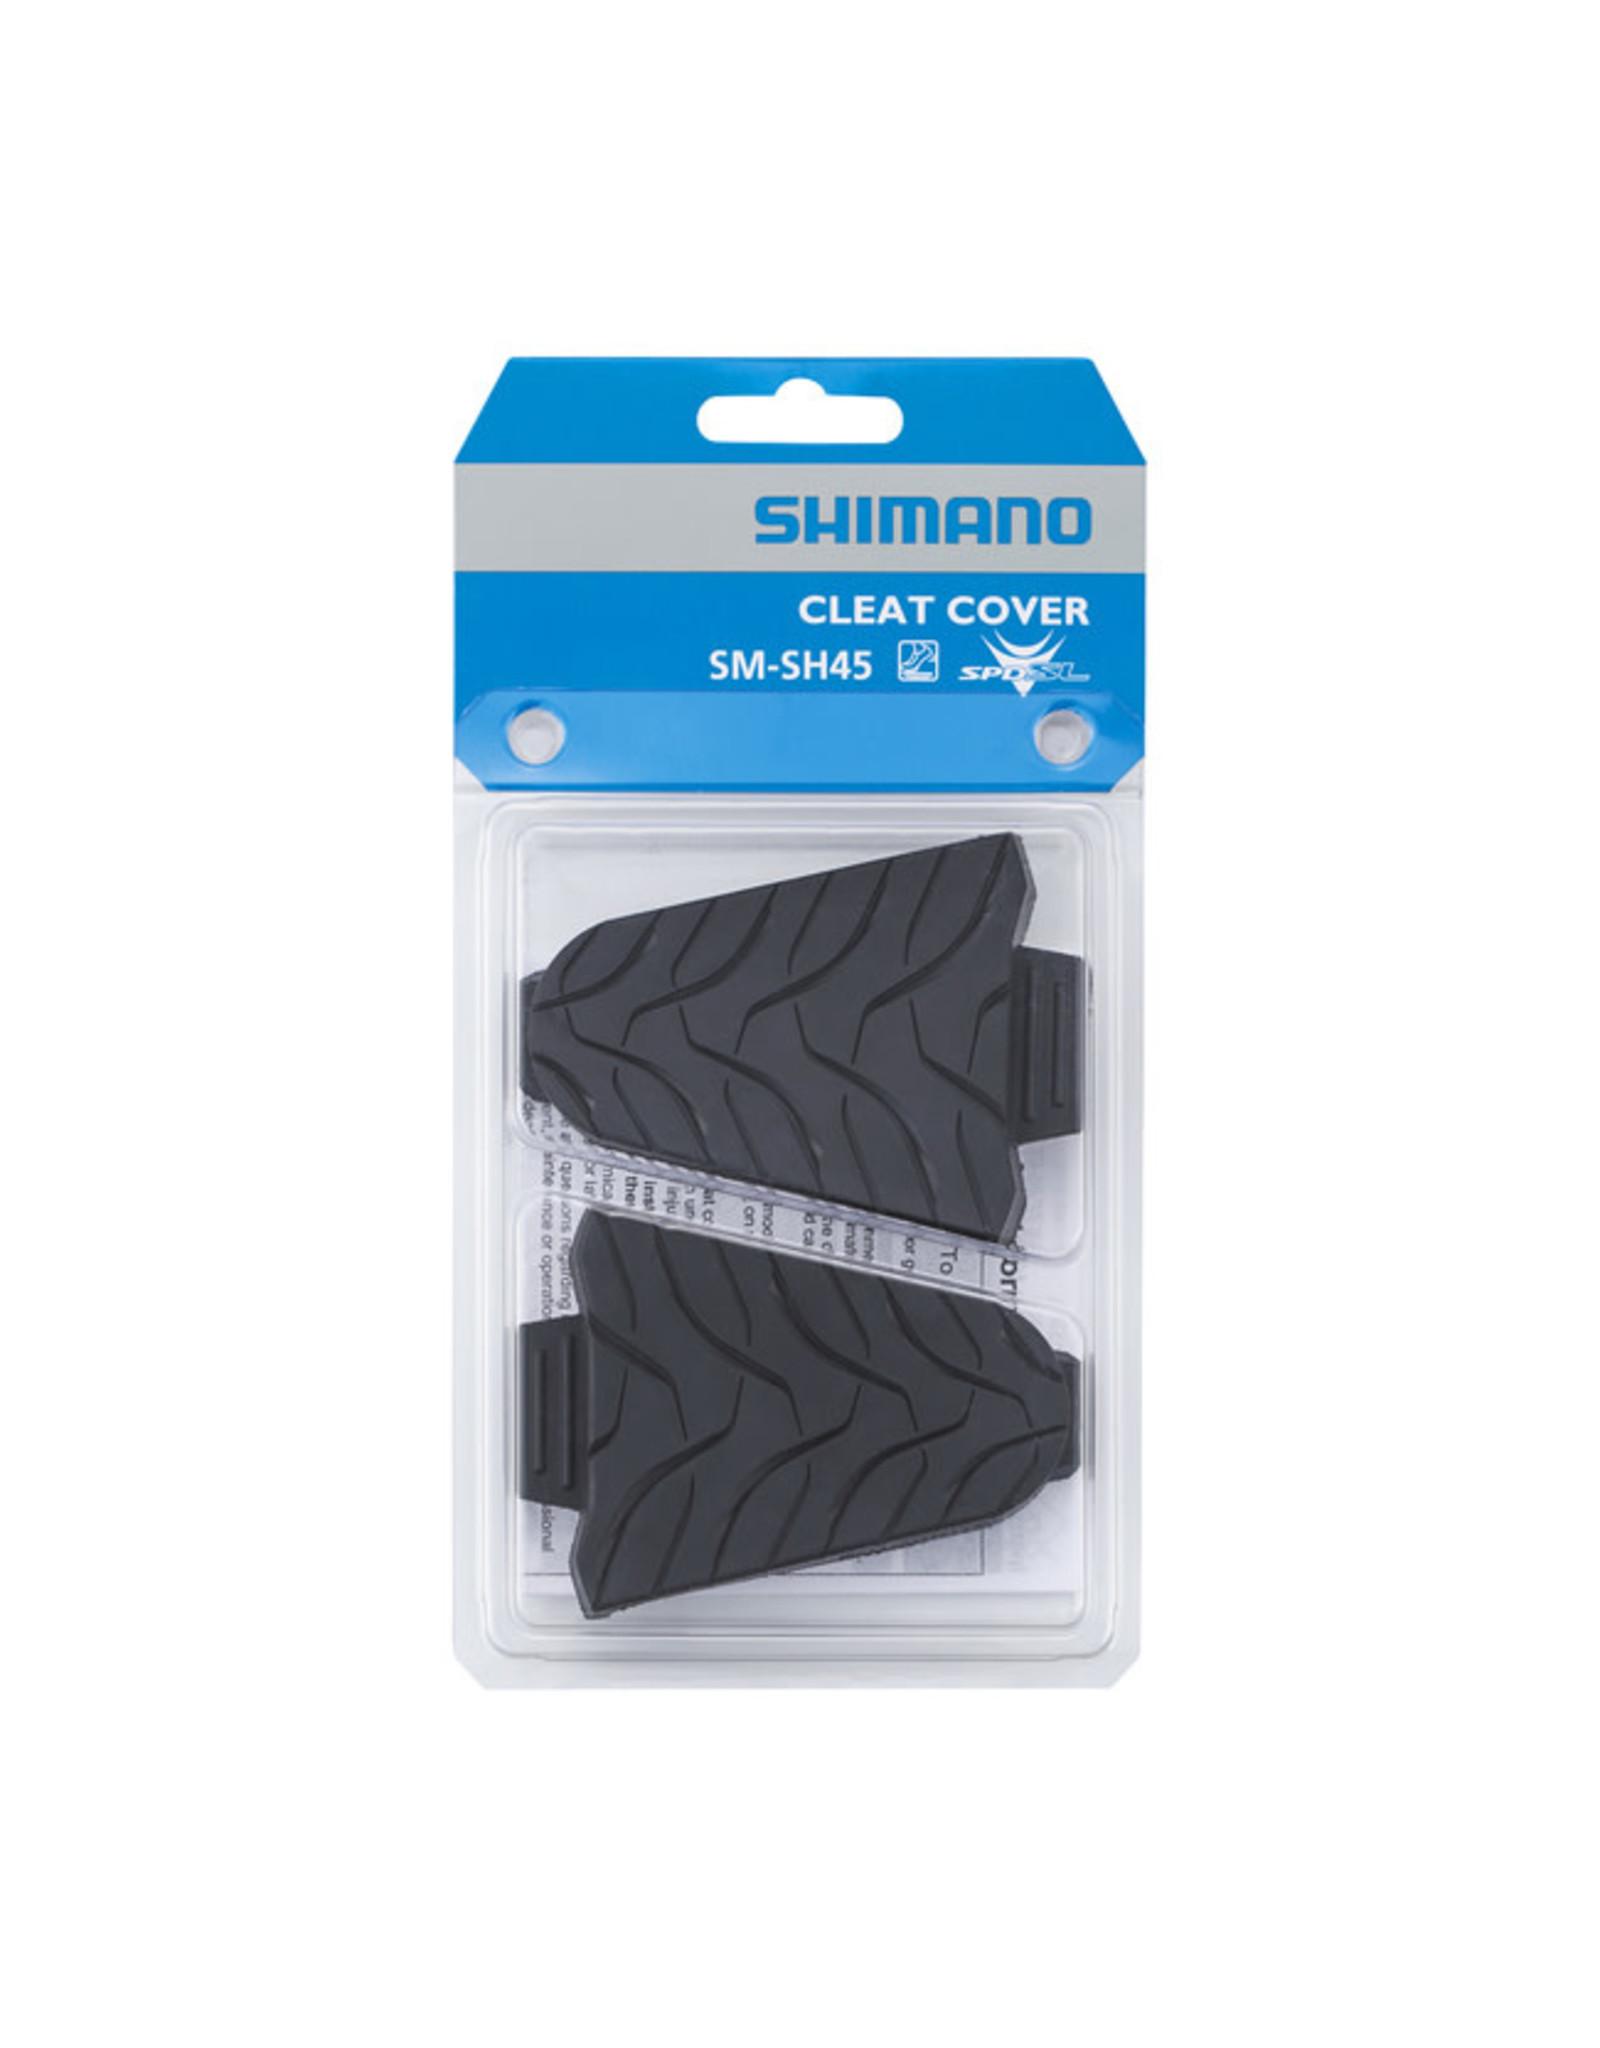 Shimano Cleat protectors Shimano SH45 road